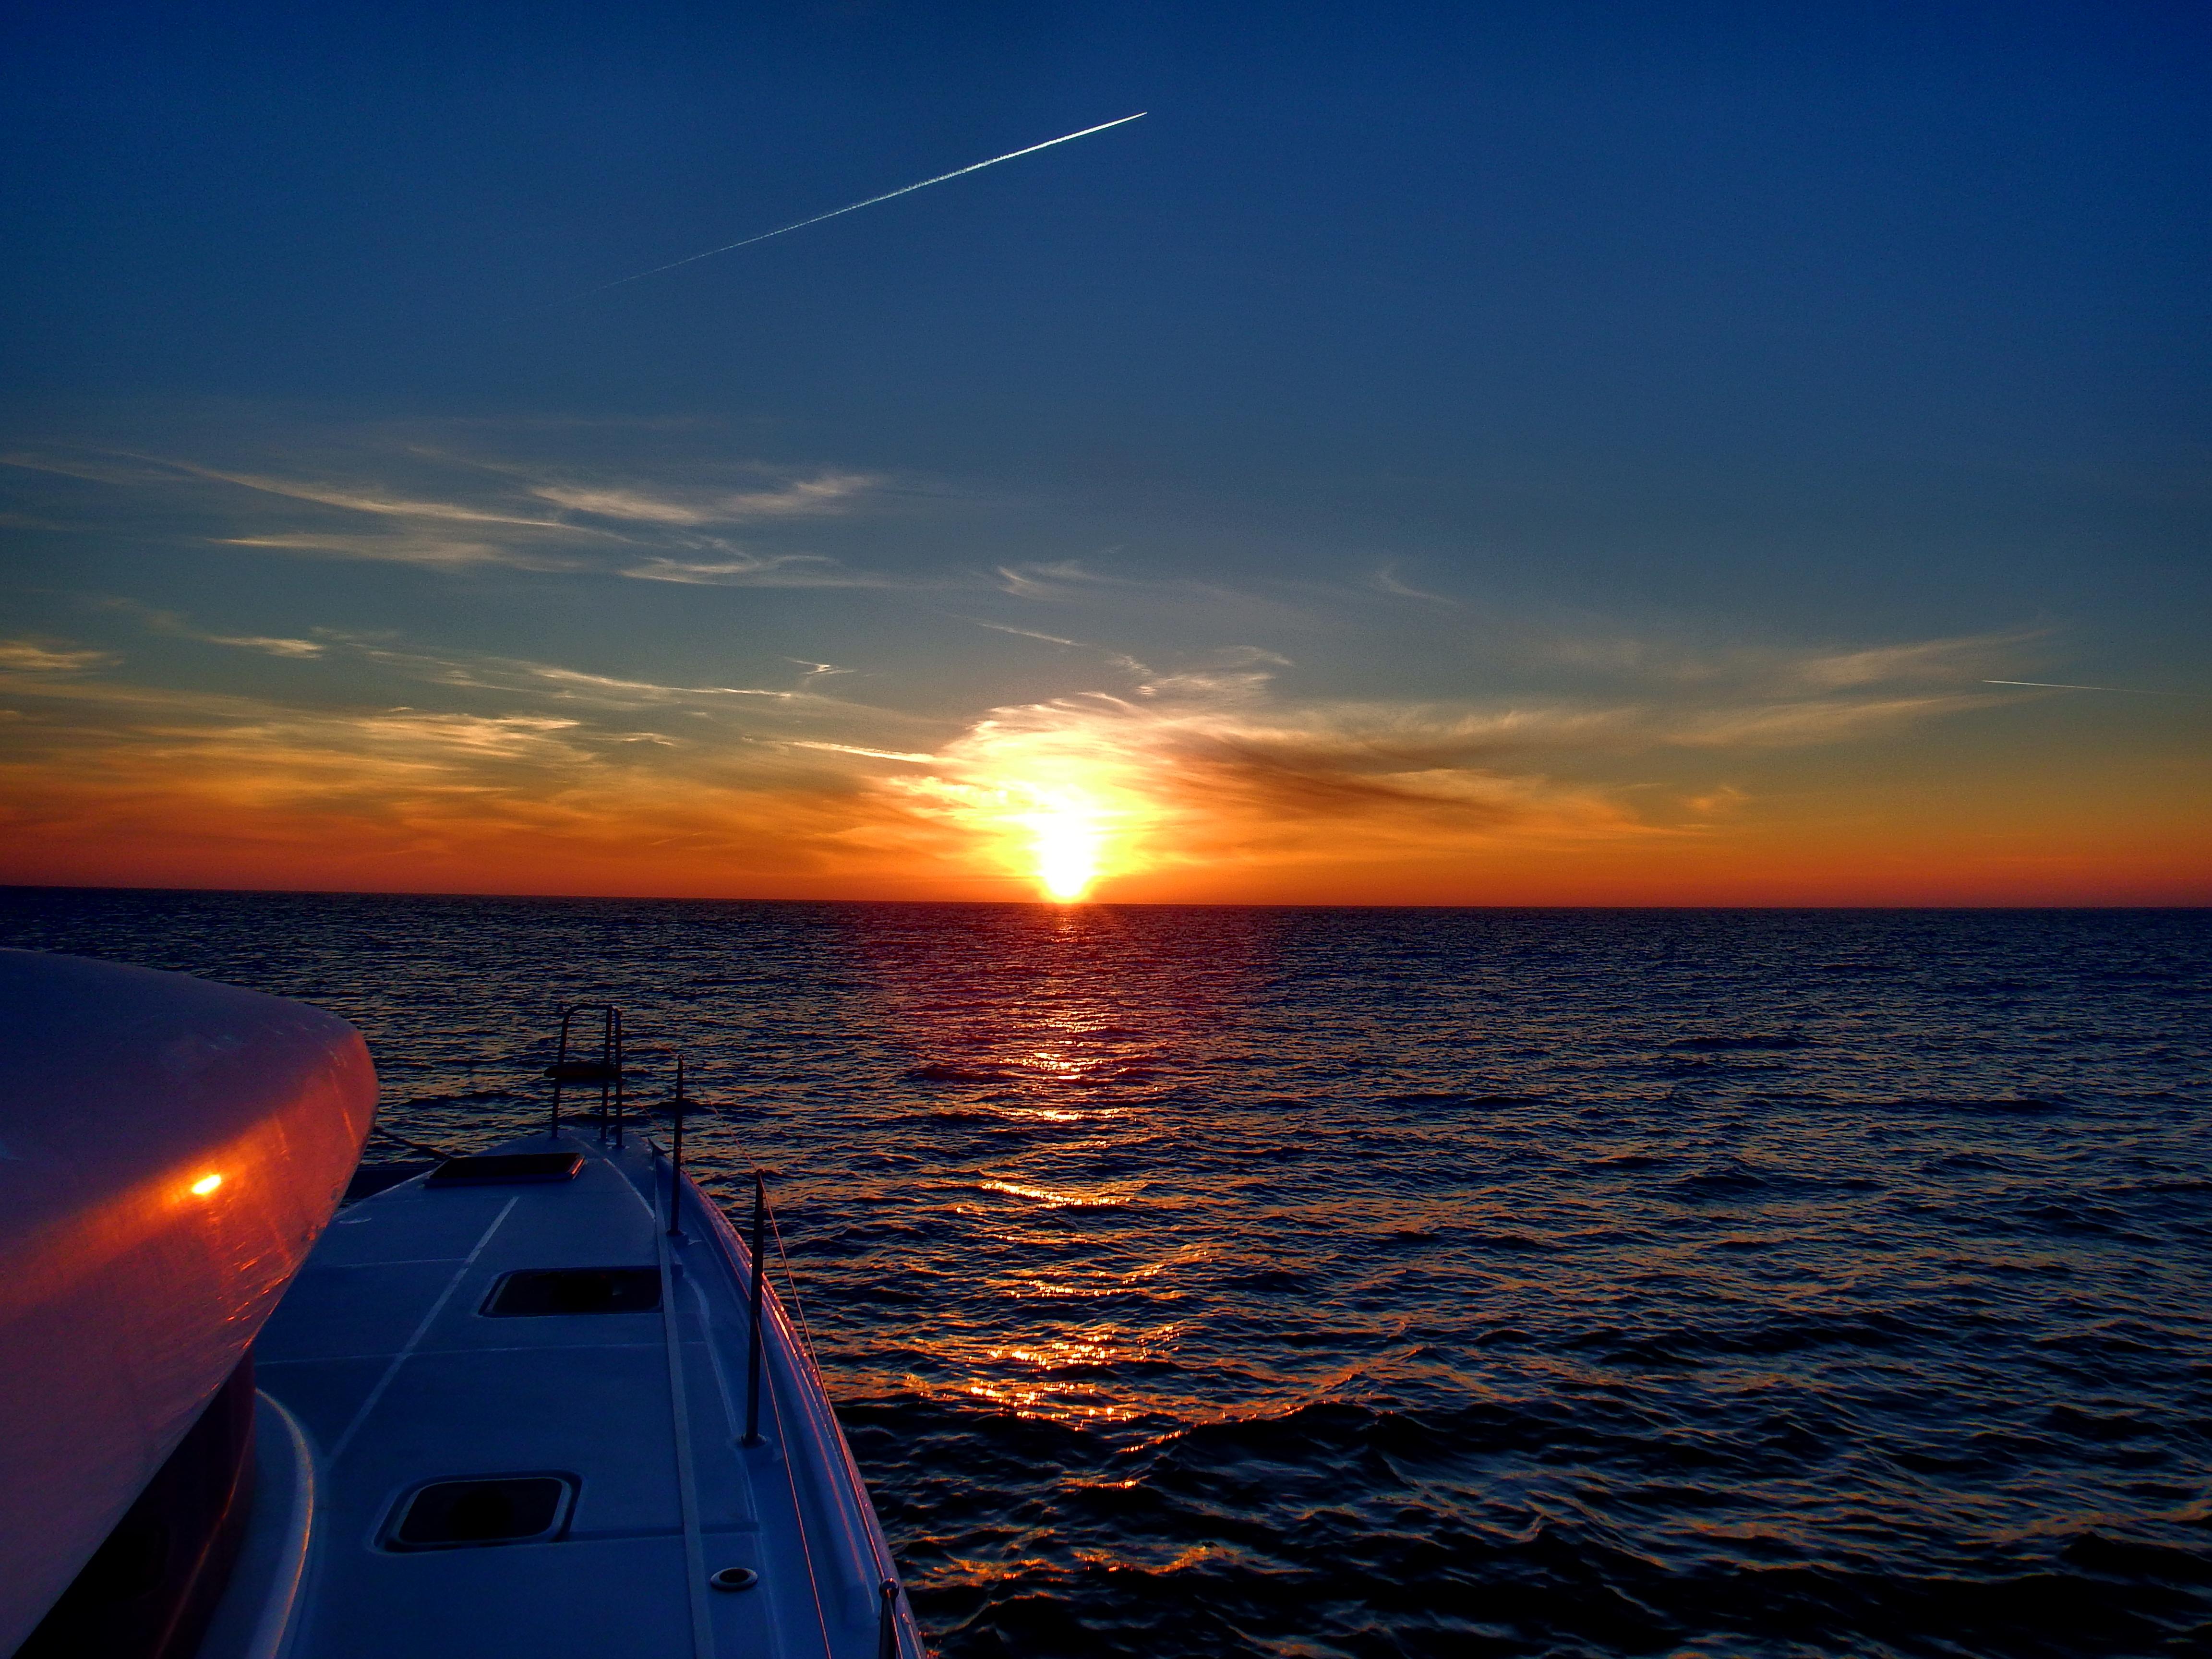 Catamaran sailing into sunset